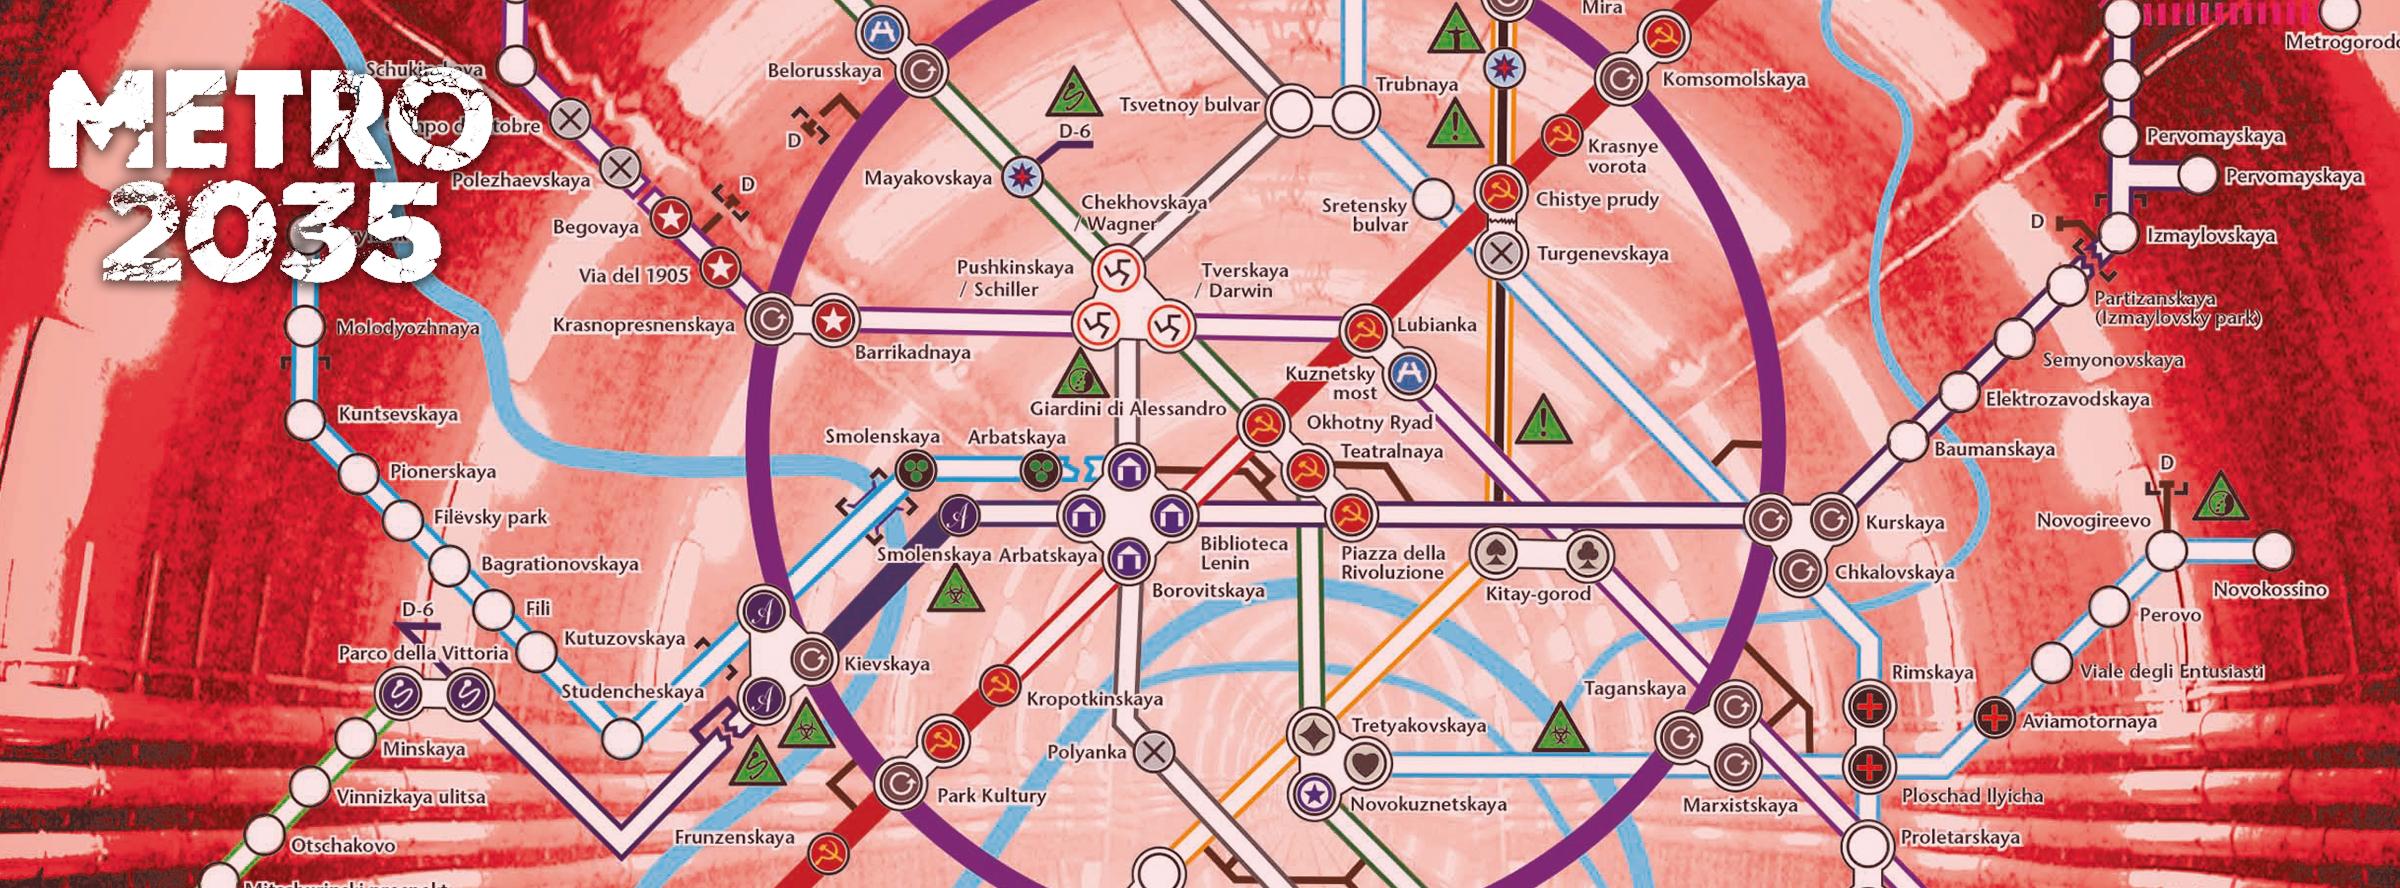 metro2035-arts_01